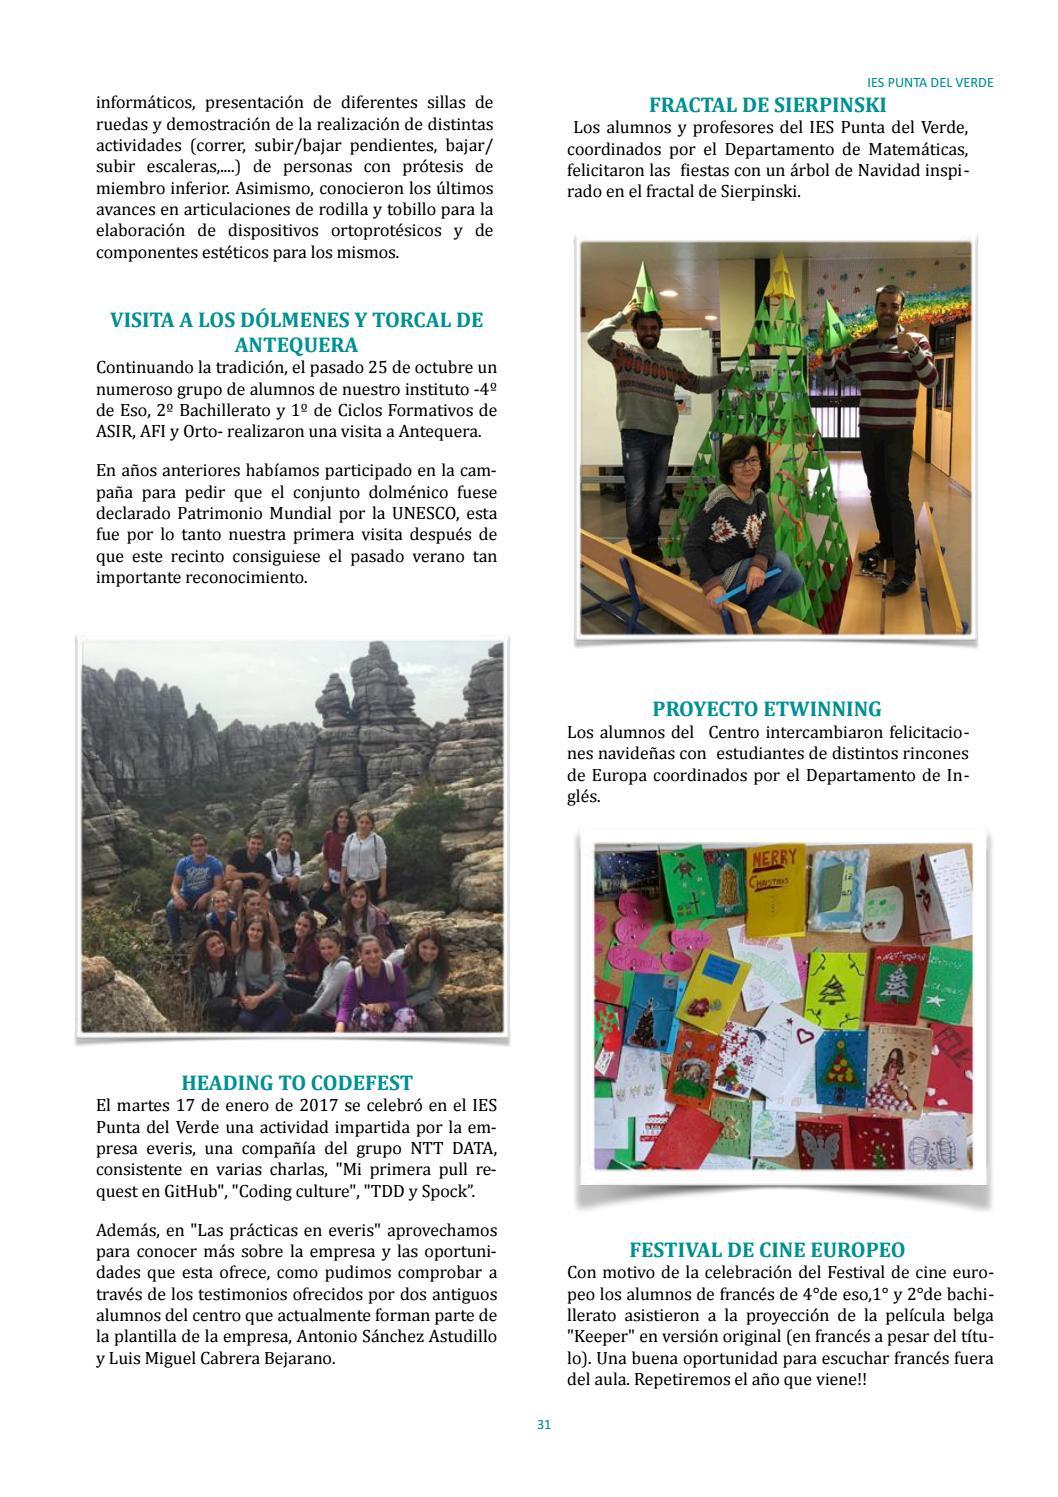 Anuario Curso 2016 / 2017 by IES Punta del Verde - issuu